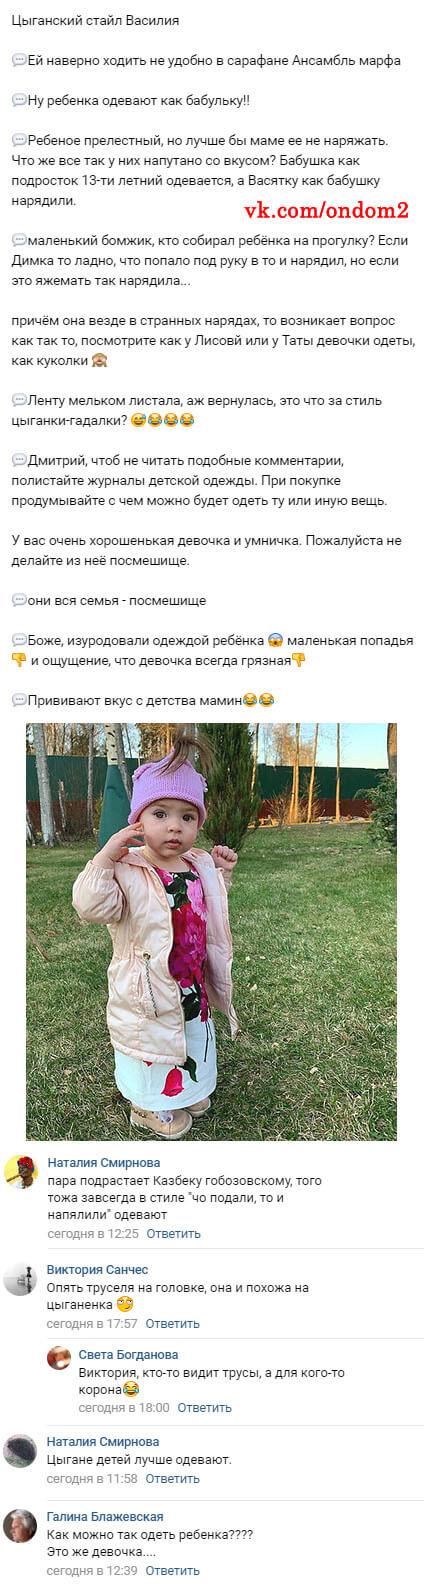 Обсуждение фото Василисы Дмитренко вконтакте